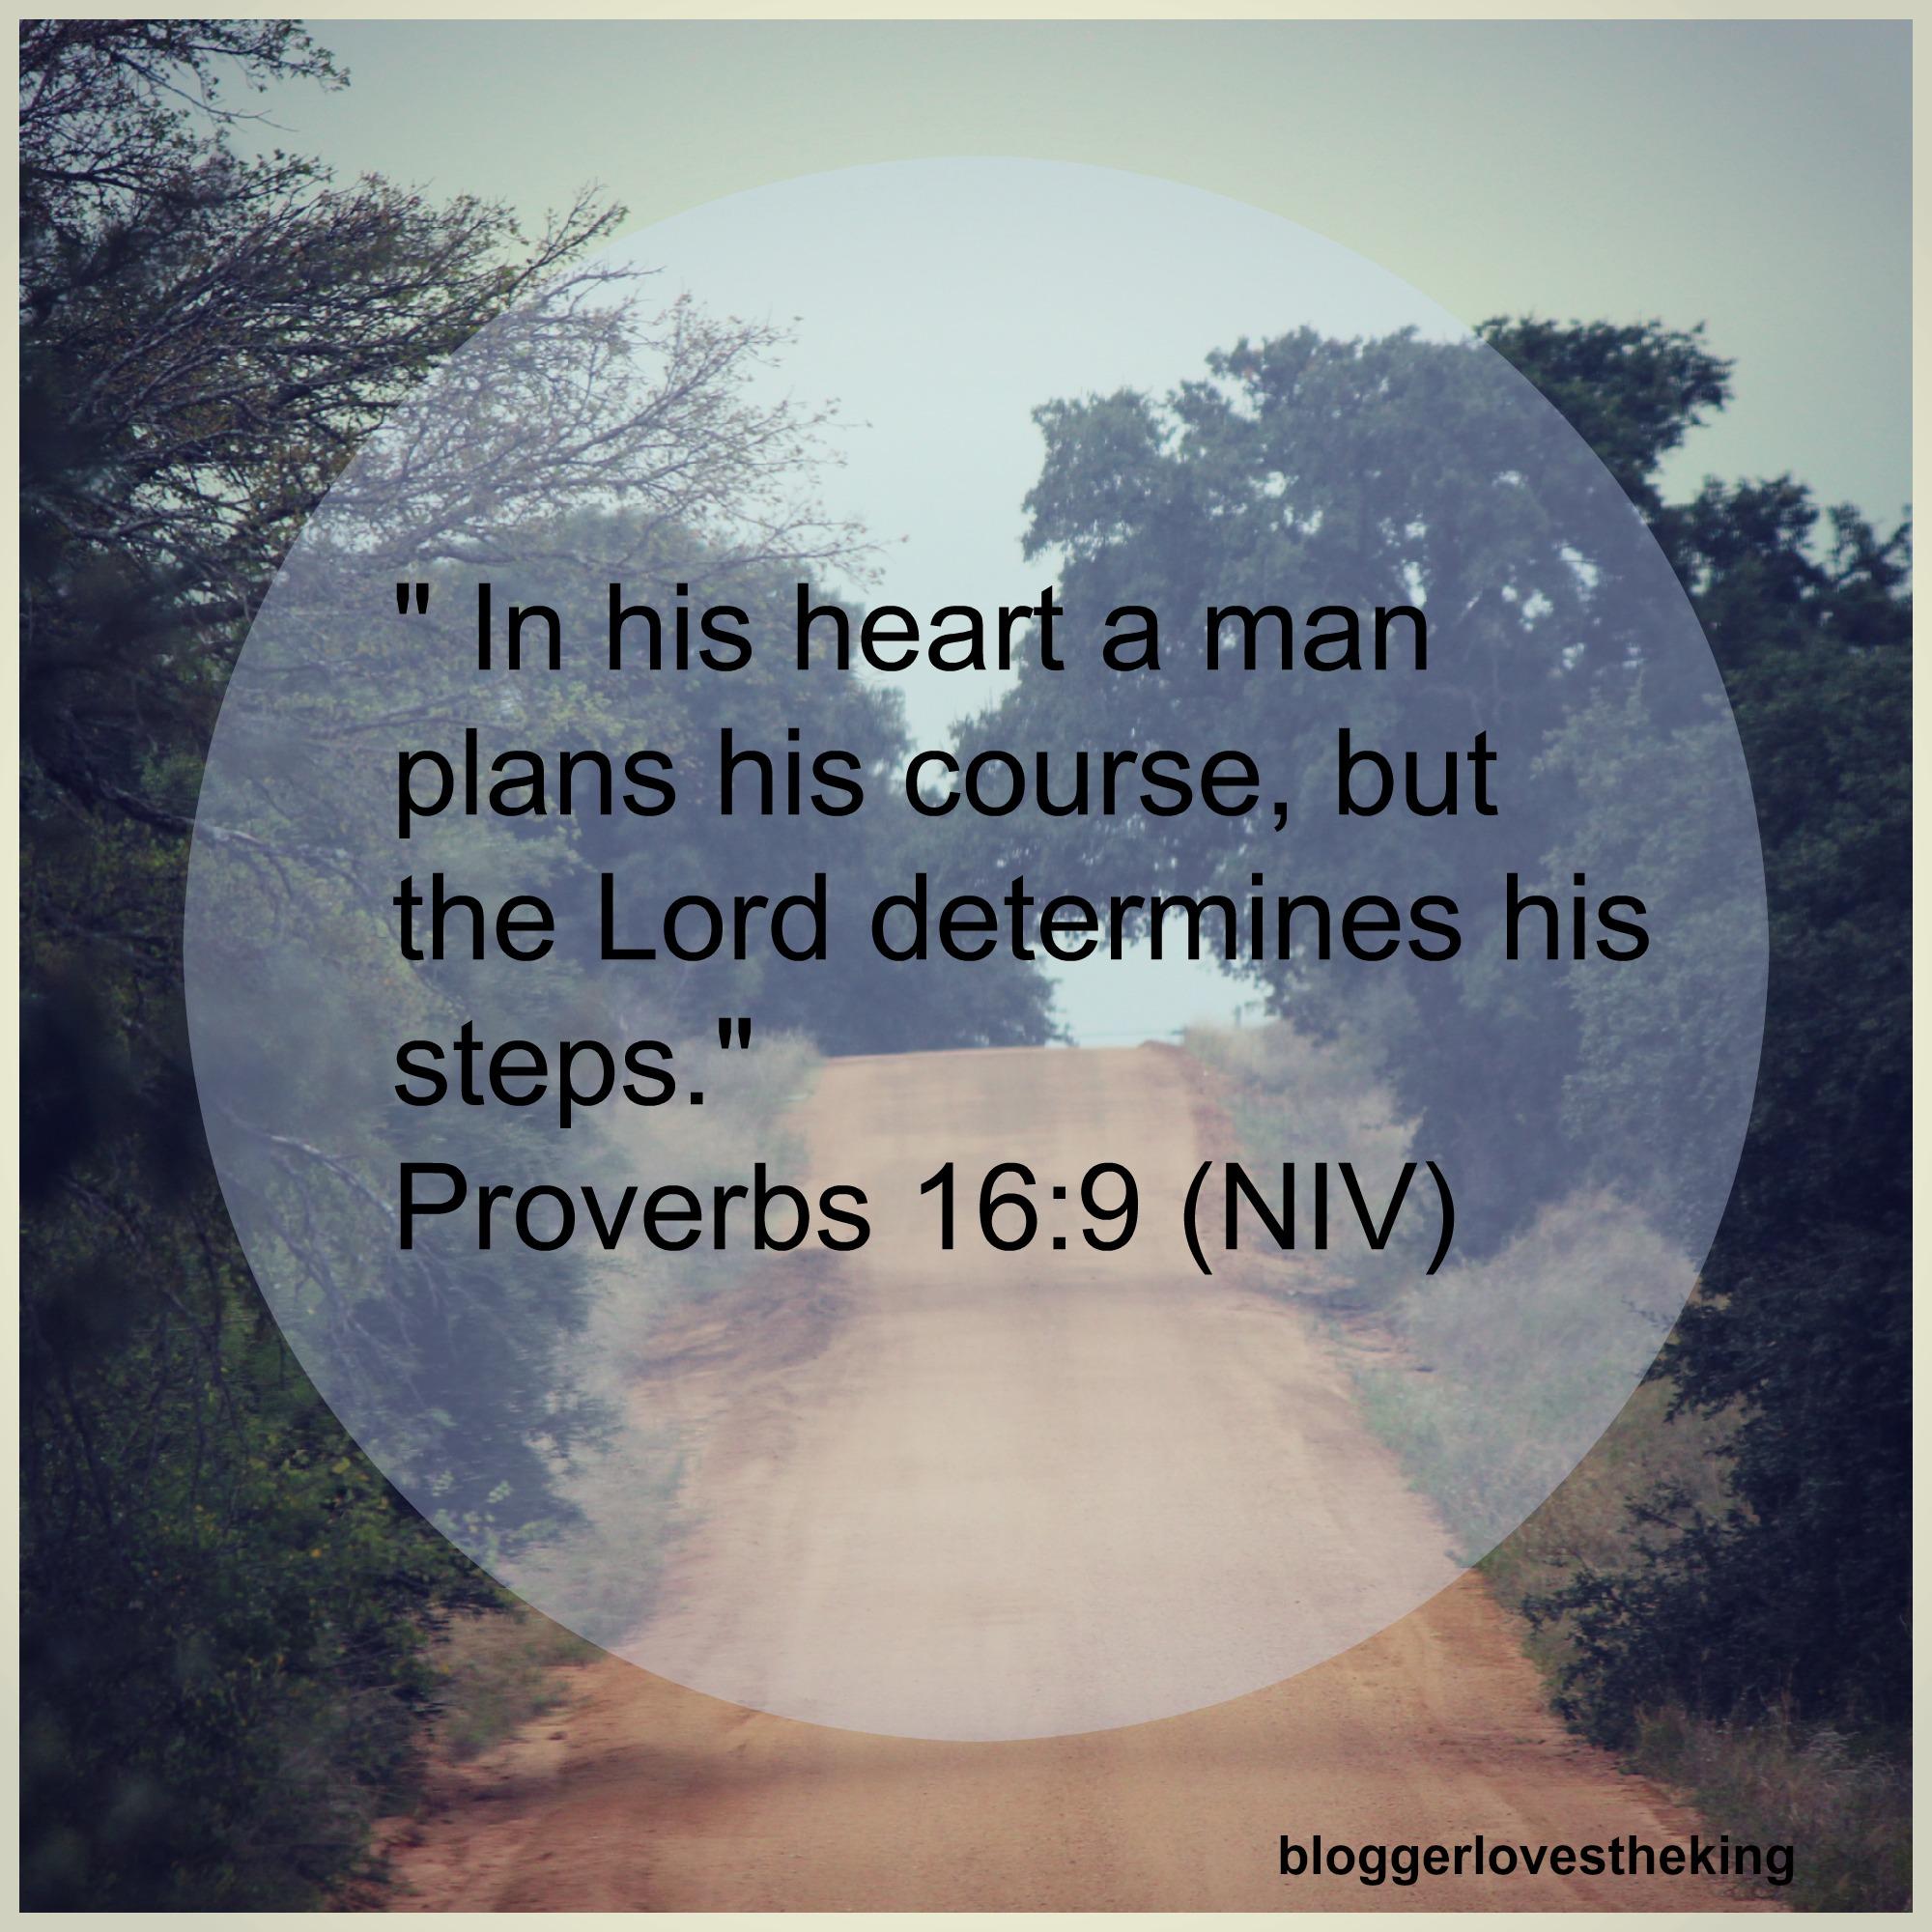 blog-proverbs-169